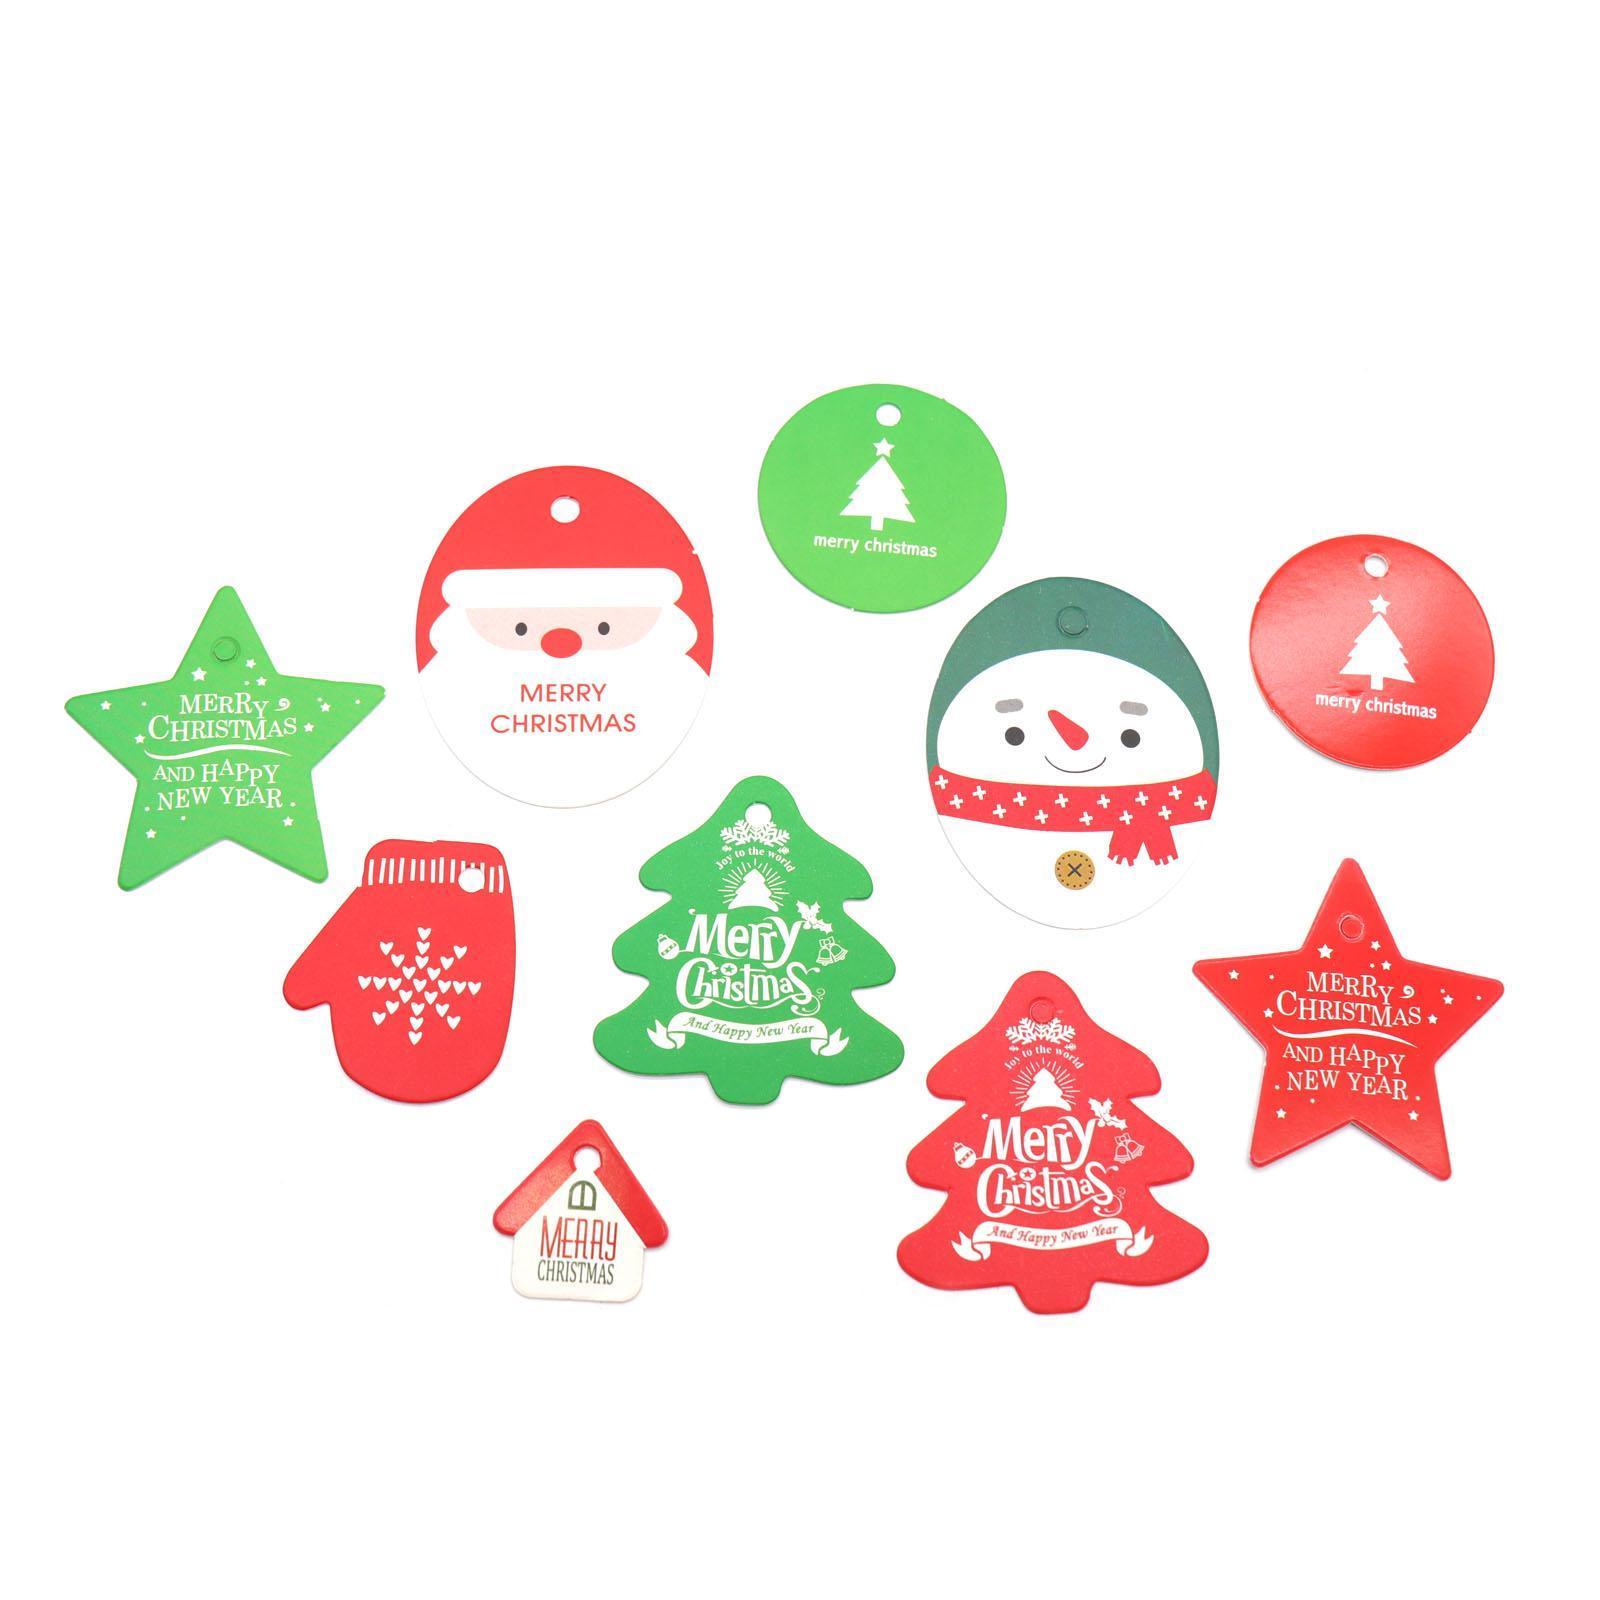 Etichette Natalizie Da Stampare acquista etichetta stella di natale etichette babbo natale etichetta carta  kraft etichetta sacchetto di caramelle decorazione confezione regalo di